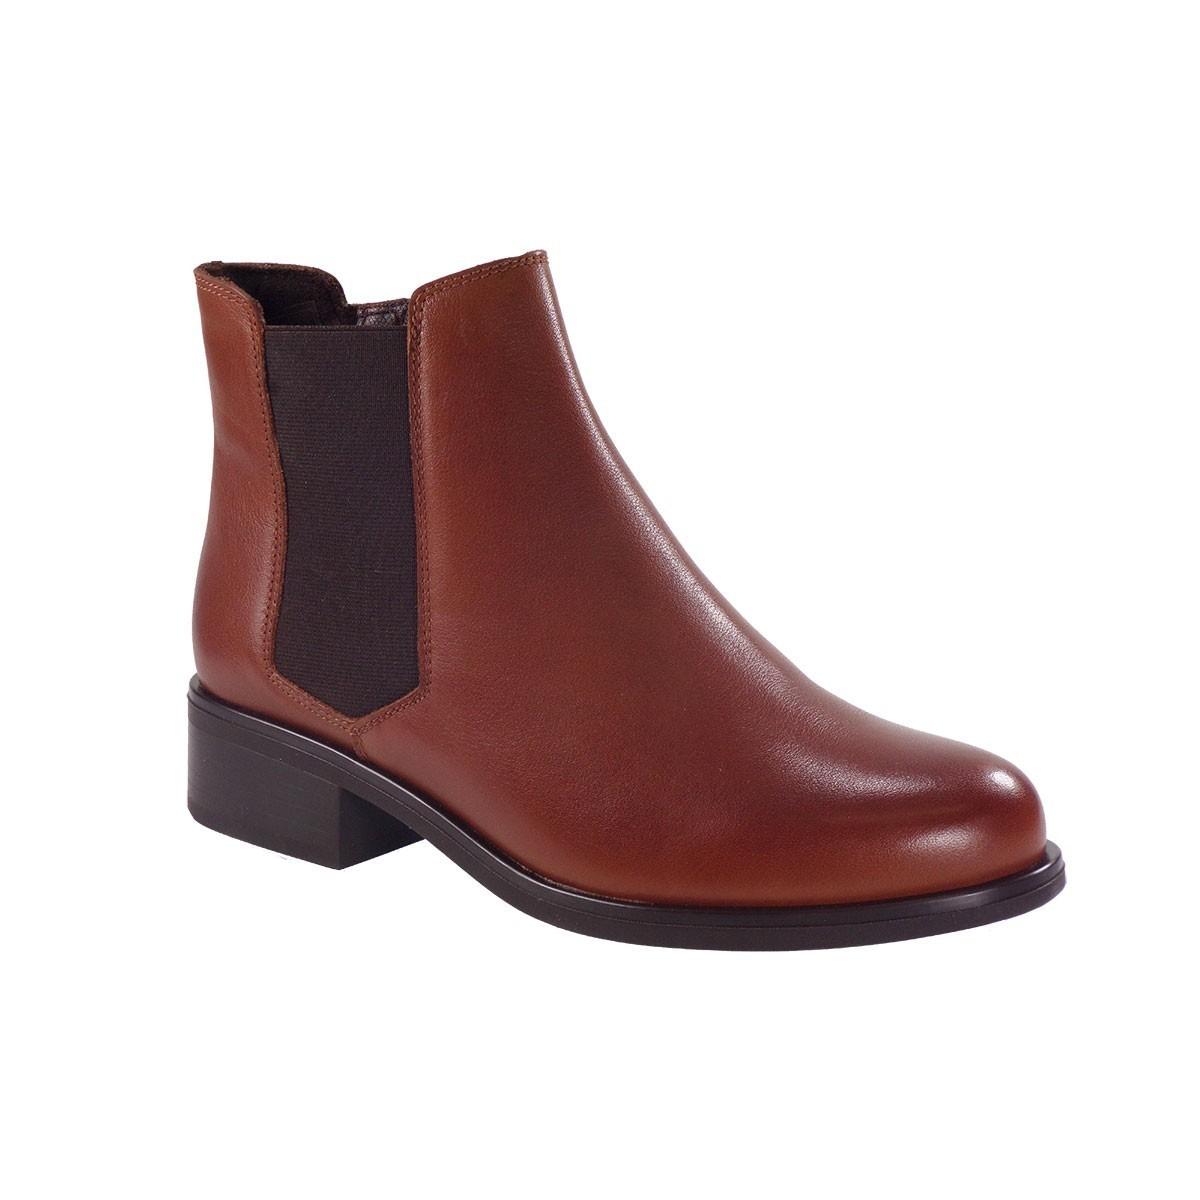 PEPE MENARGUES SHOES Γυναικεία Παπούτσια Μποτάκια 9050 Ταμπά Δέρμα